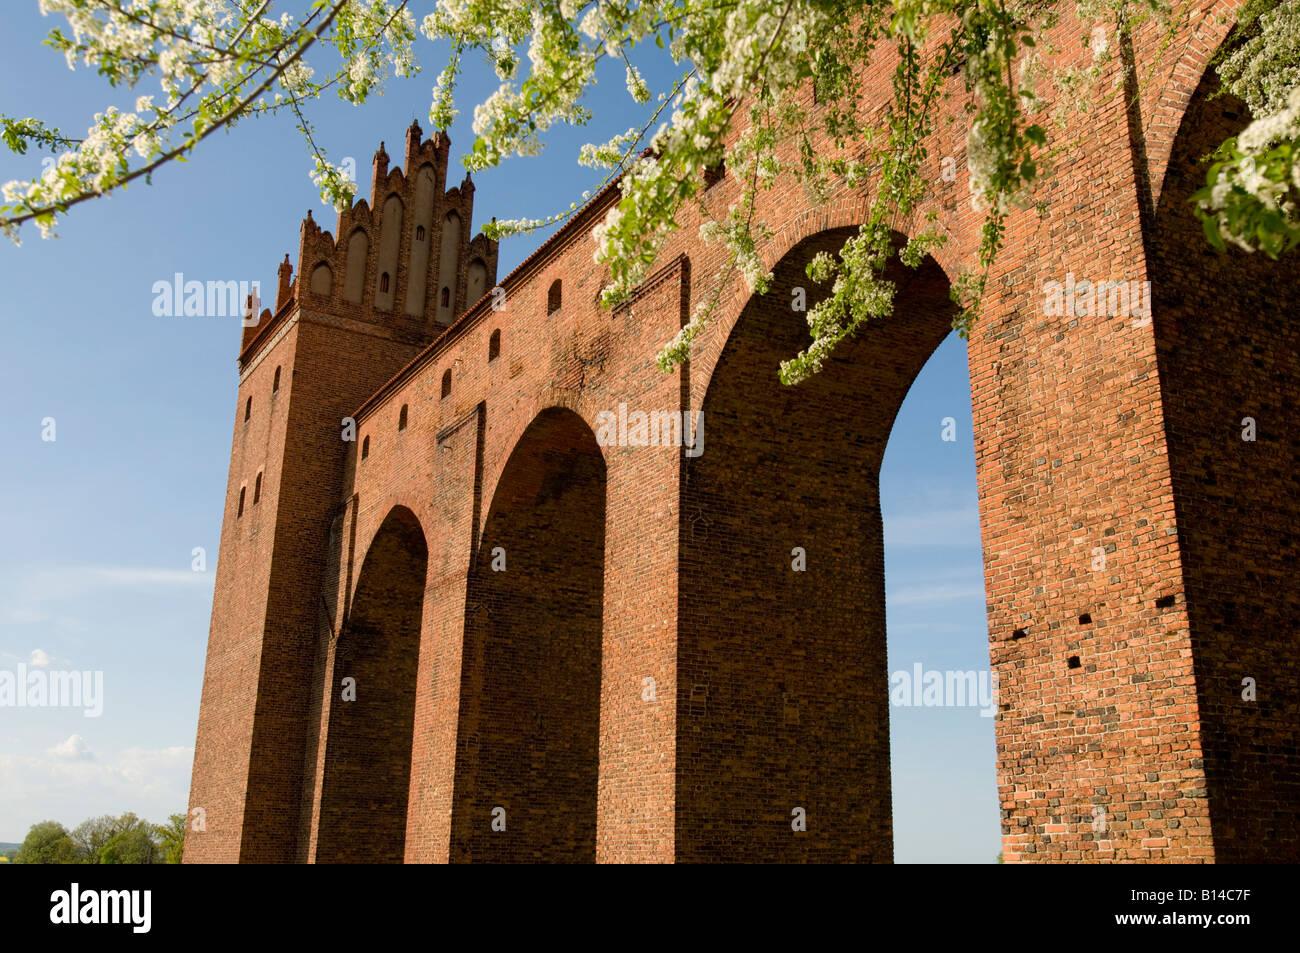 Teutonic castle (14th century), Kwidzyn, Pomeranian Voivodeship, Poland - Stock Image